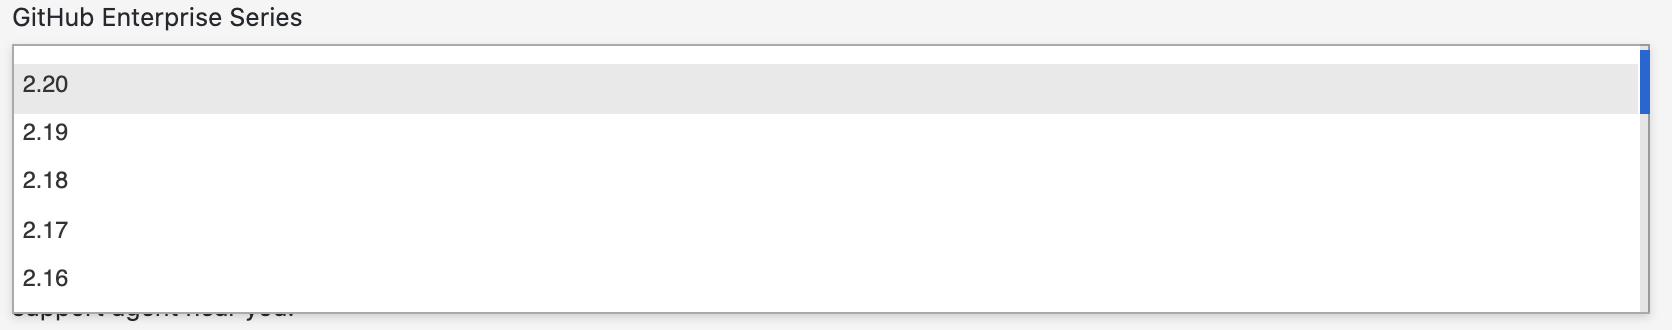 GitHub Enterprise Series drop-down menu